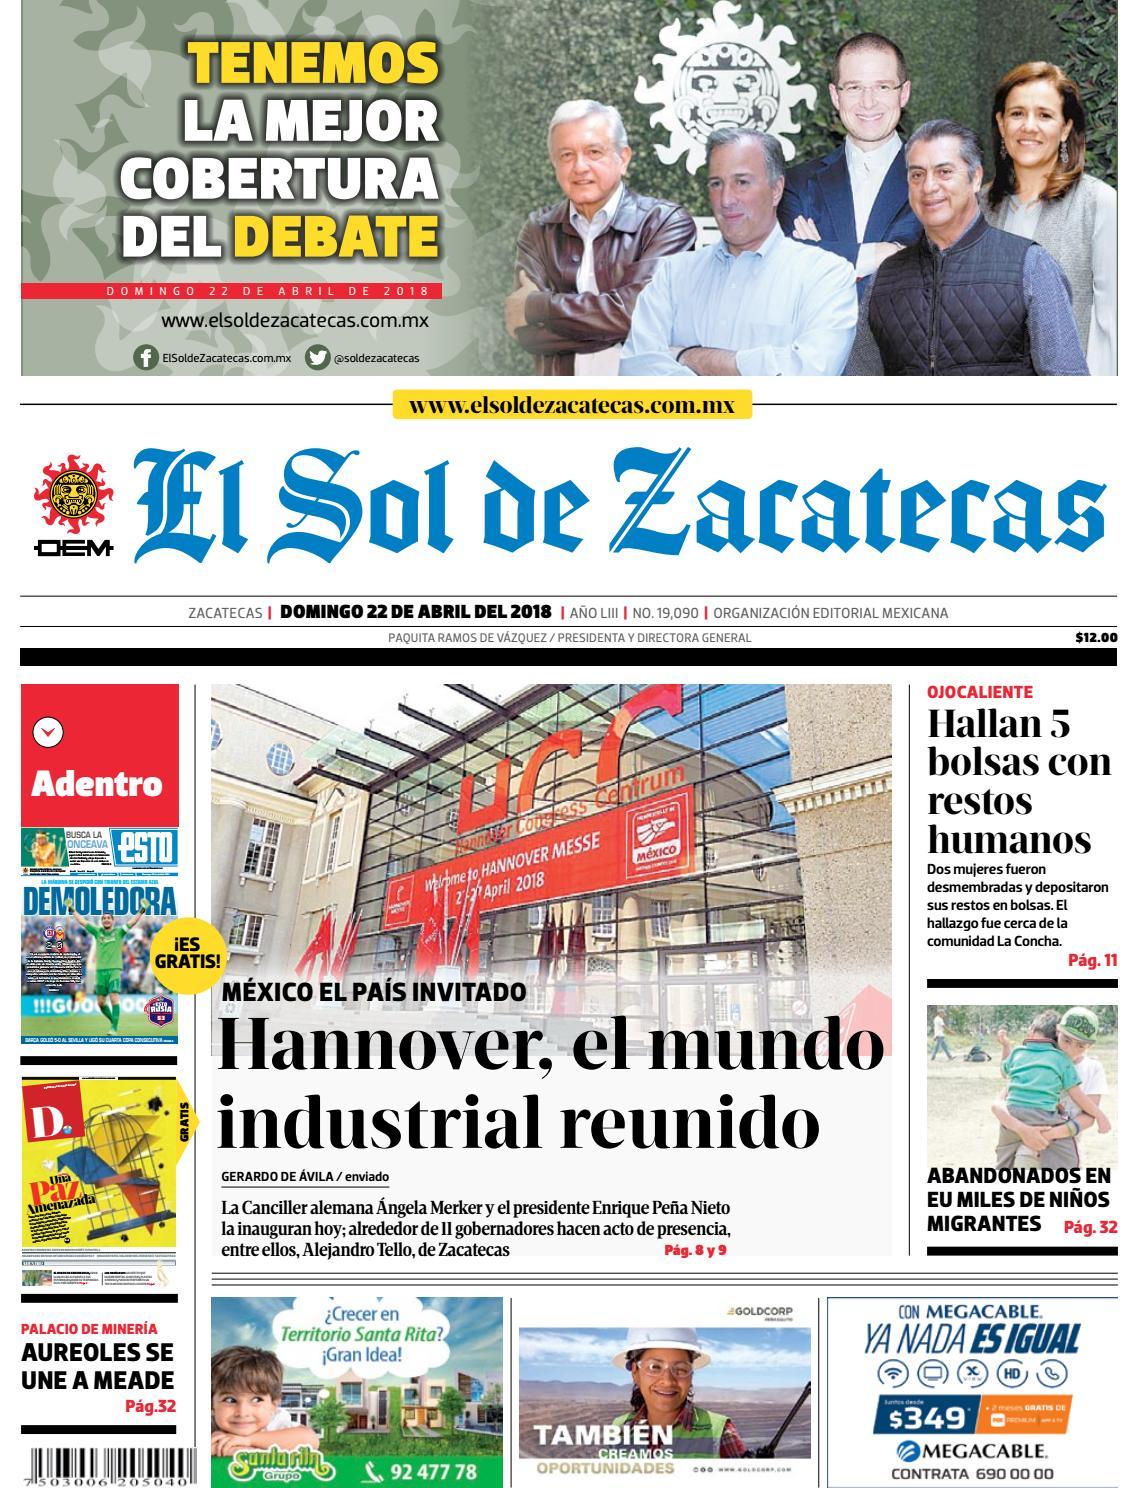 fb0f046d1b3 El Sol de Zacatecas 22 de abril 2018 by El Sol de Zacatecas - issuu